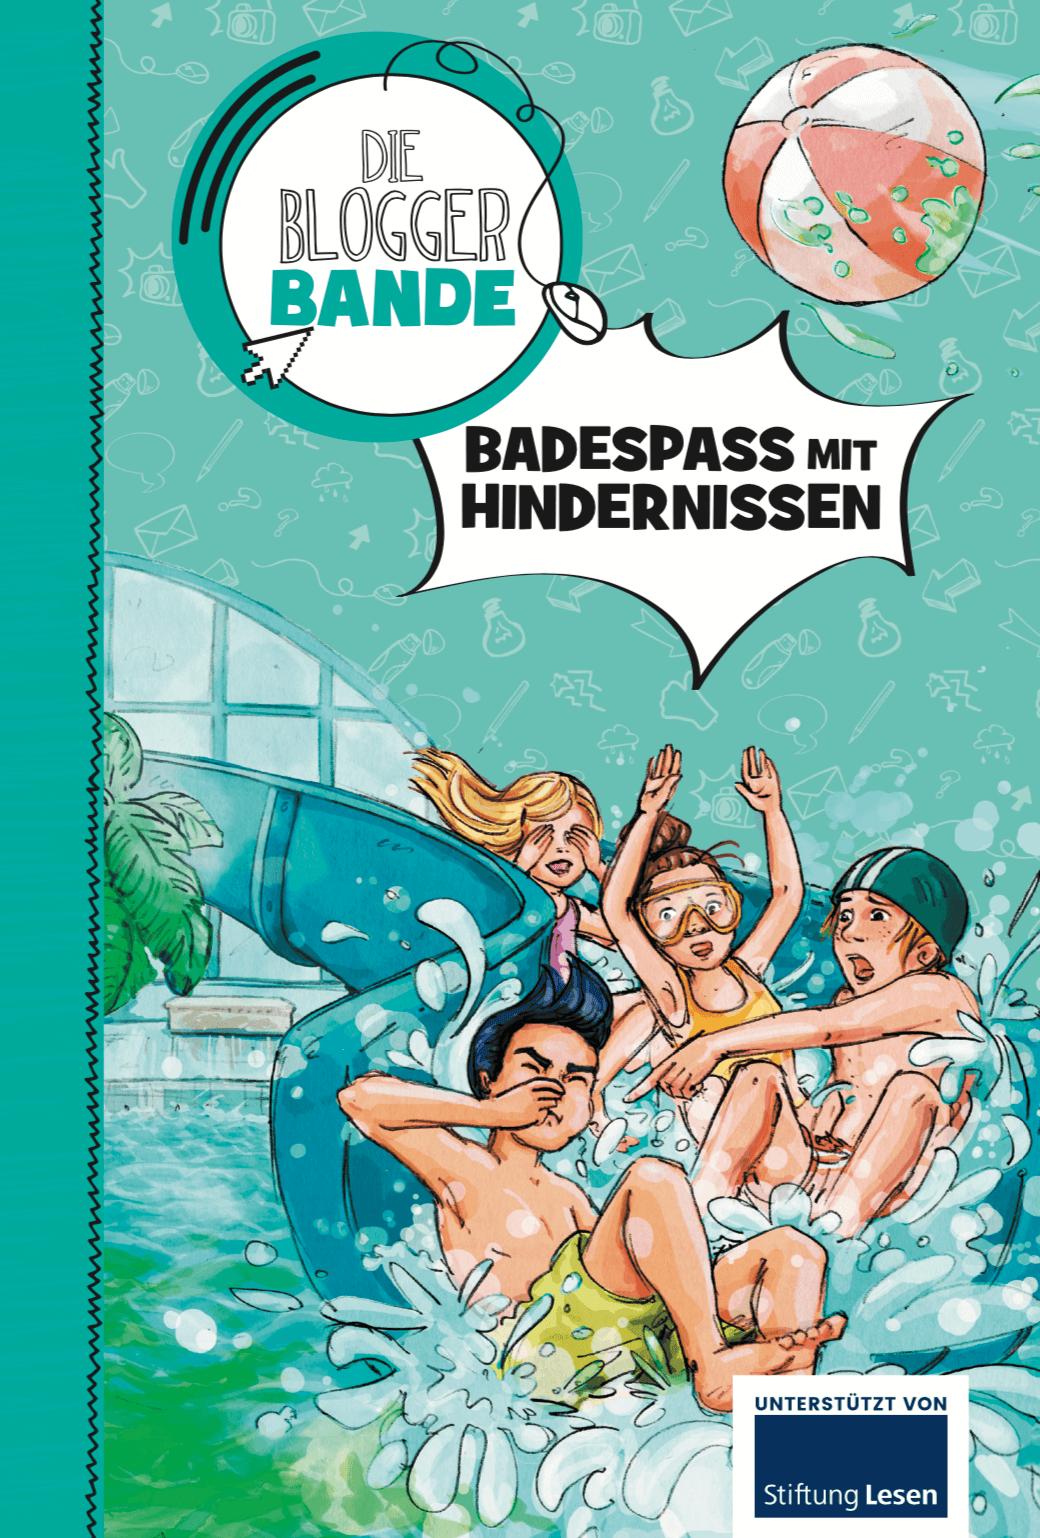 Die Bloggerbande… Badespaß mit Hindernissen (Medienkompetenz)